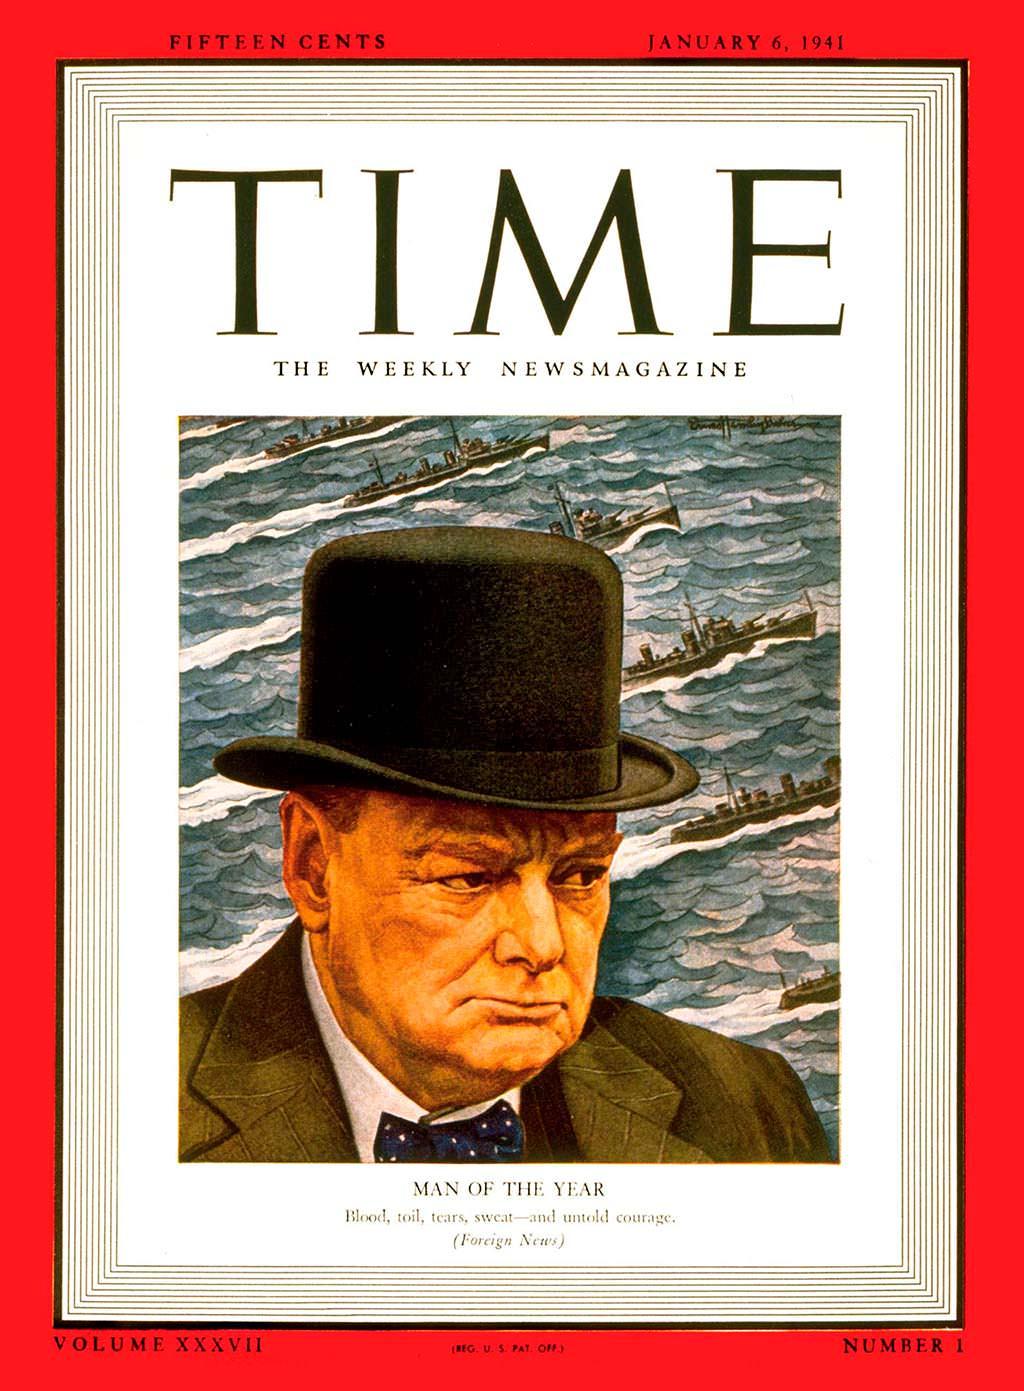 1940 год. Премьер Британии Уинстон Черчилль на обложке Time